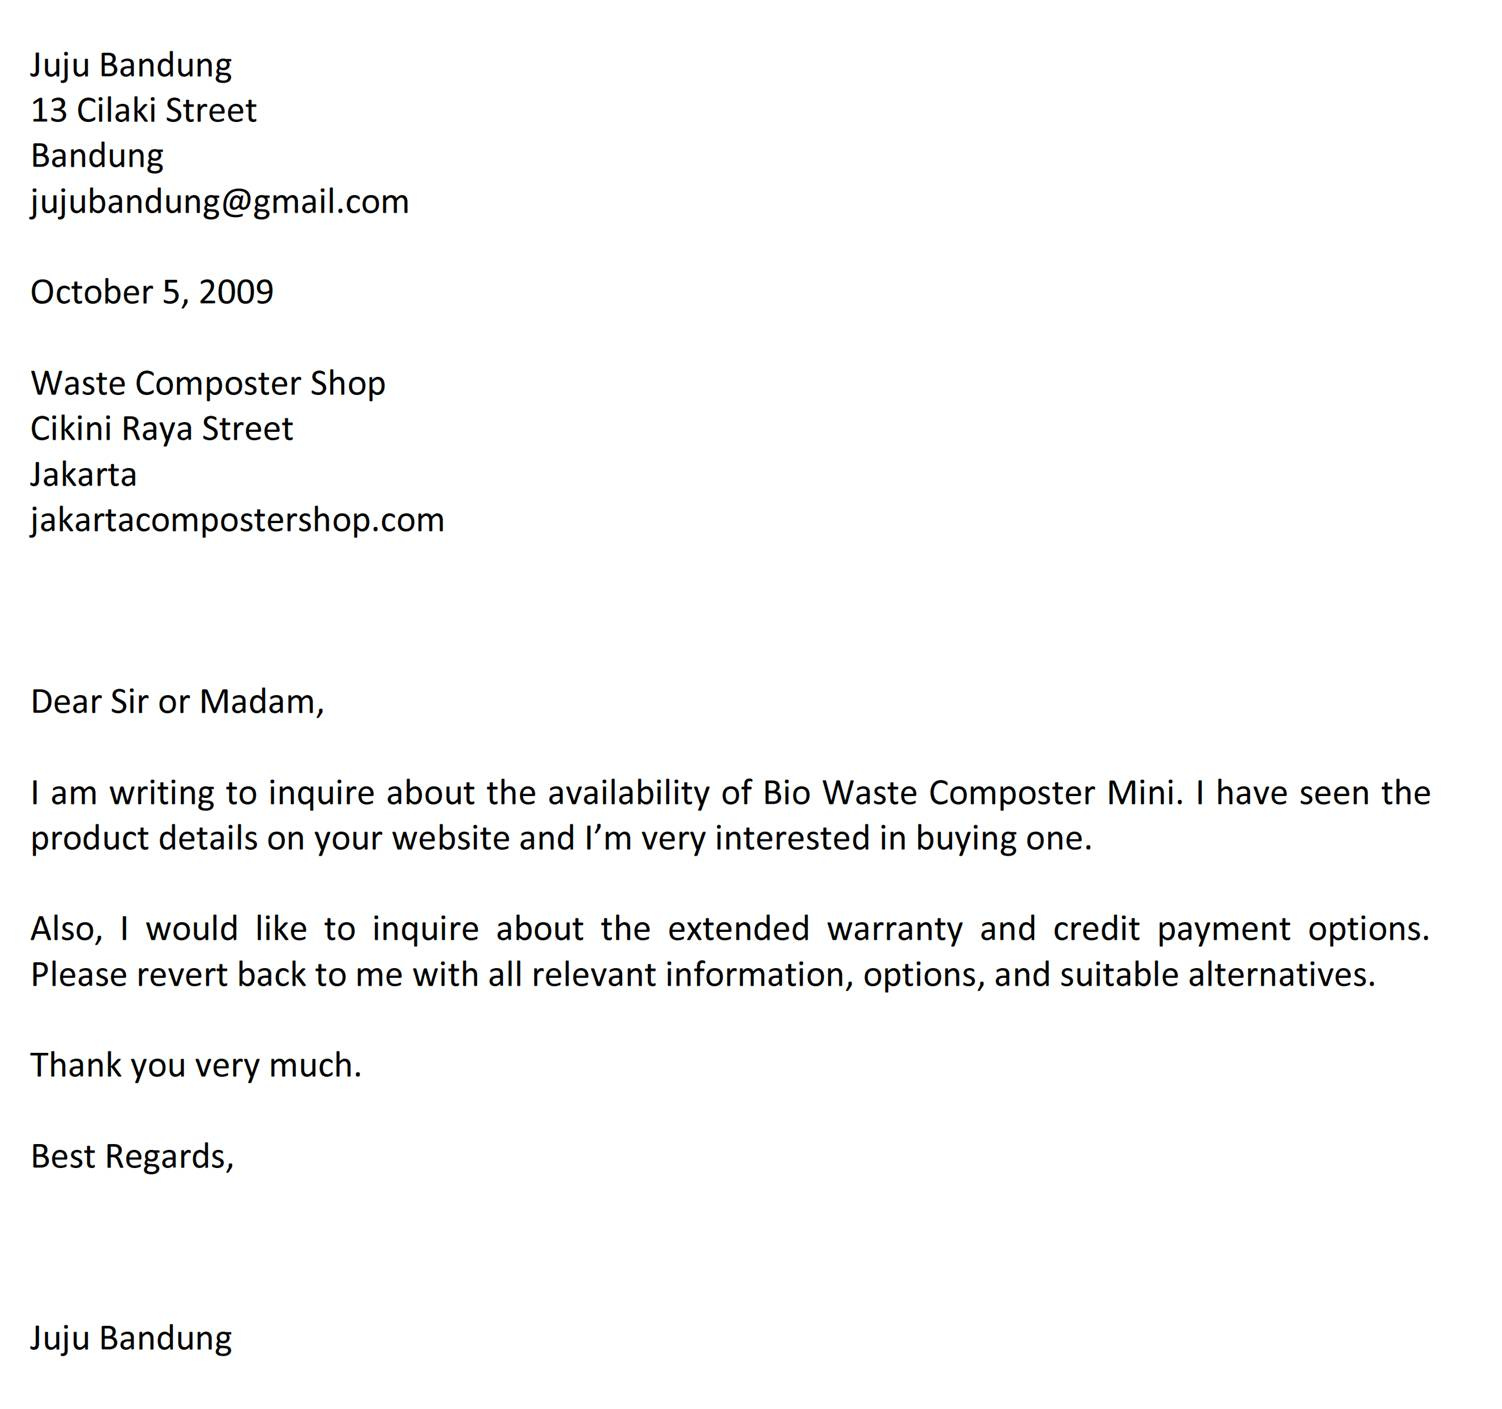 Contoh Surat Lamaran Kerja Bahasa Inggris Application Letter Pengertian Application Letter Dalam Bahasa Inggris